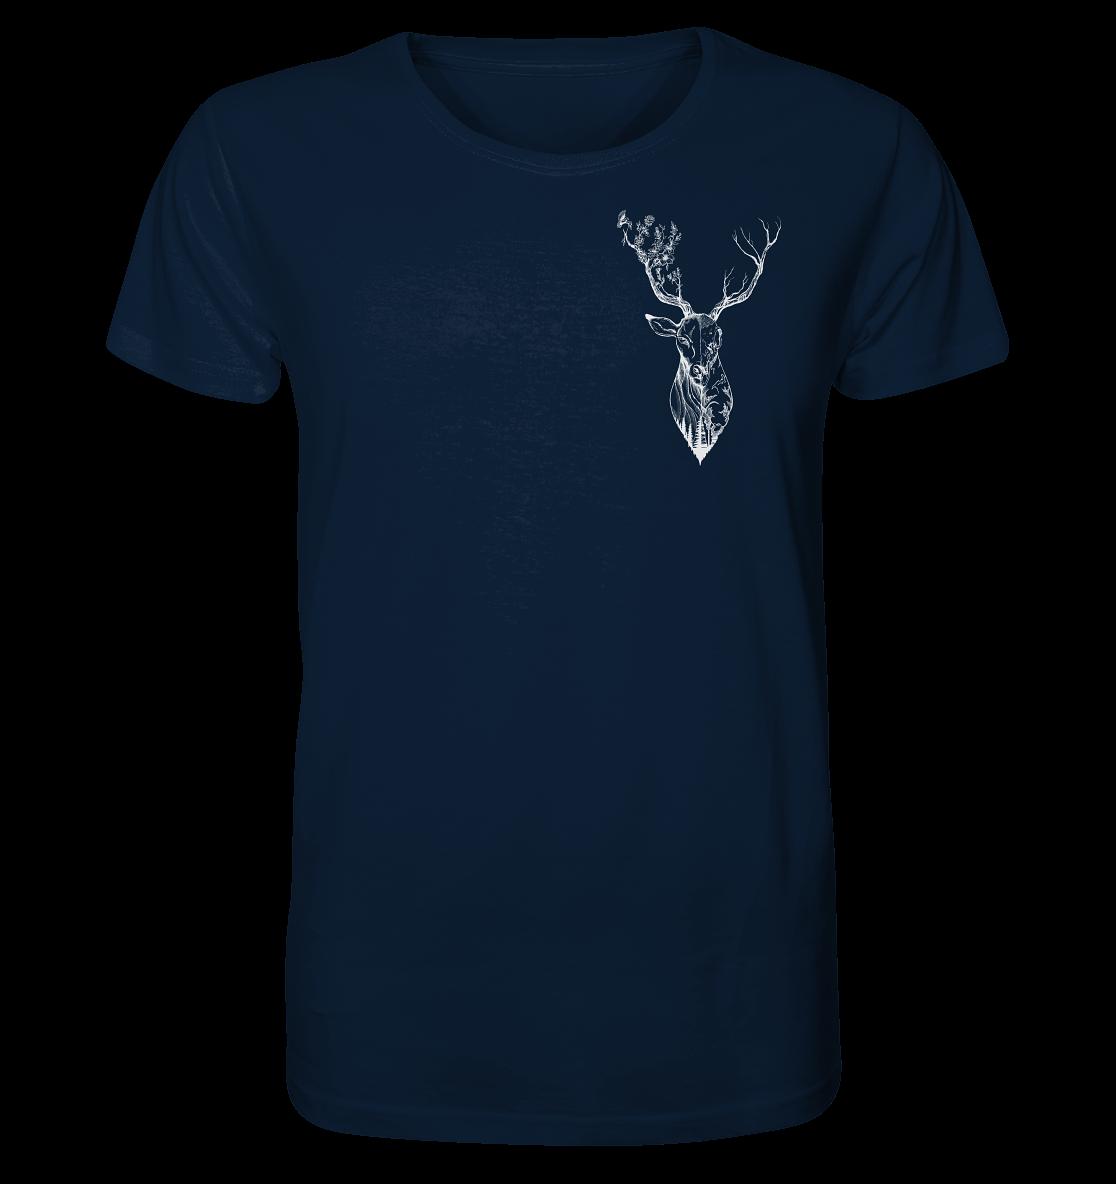 front-organic-shirt-0e2035-1116x-6.png